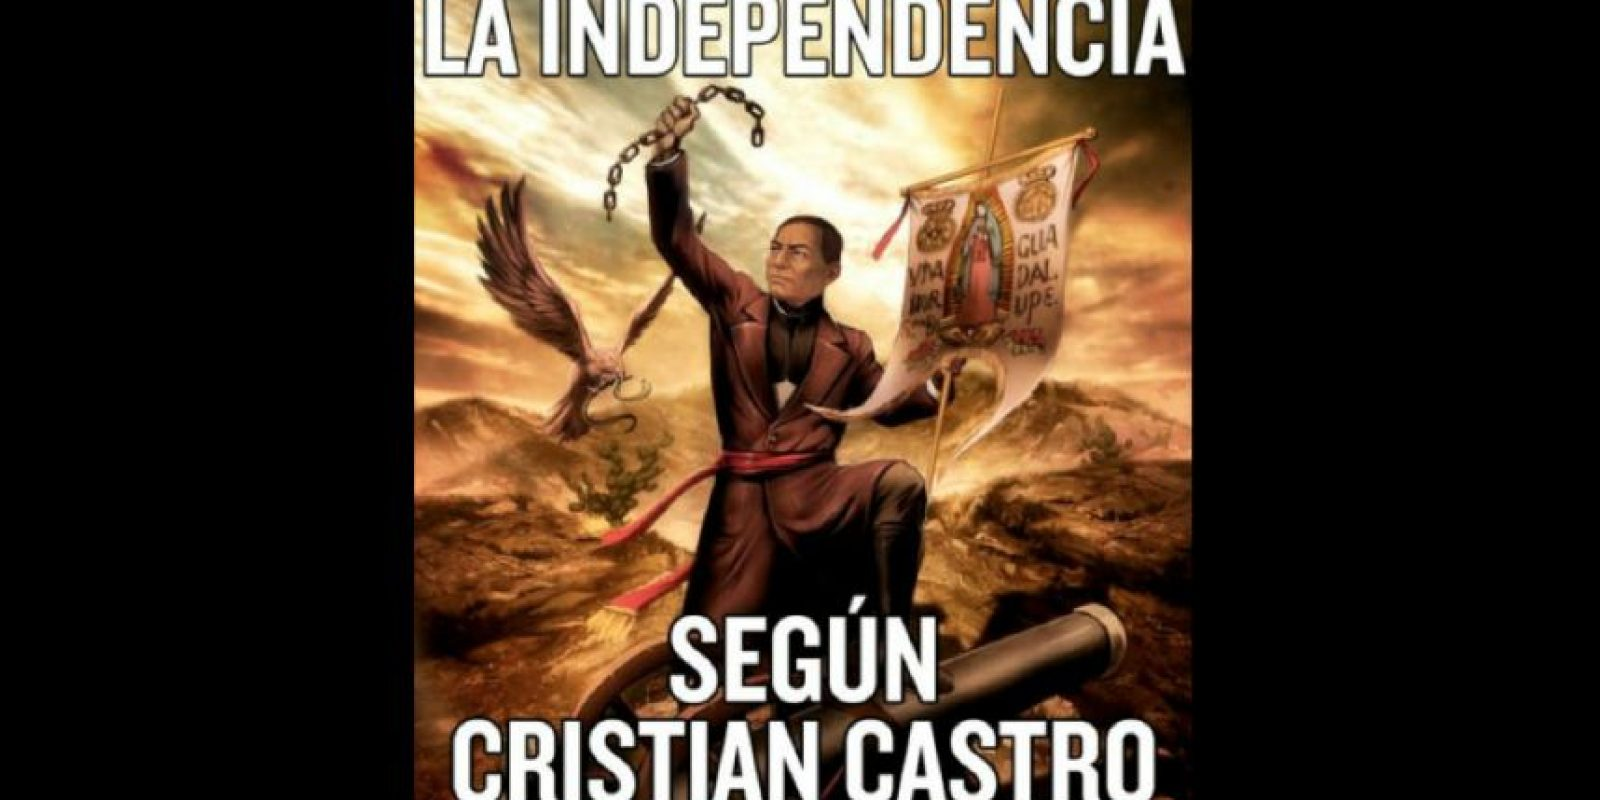 El cantante mencionó que Benito Juárez, un abogado, político y presidente mexicano había participado en la Independencia de México, aunque este personaje no participó en esta época de la historia de dicho país. Foto:vía twitter.com/cristiancastro